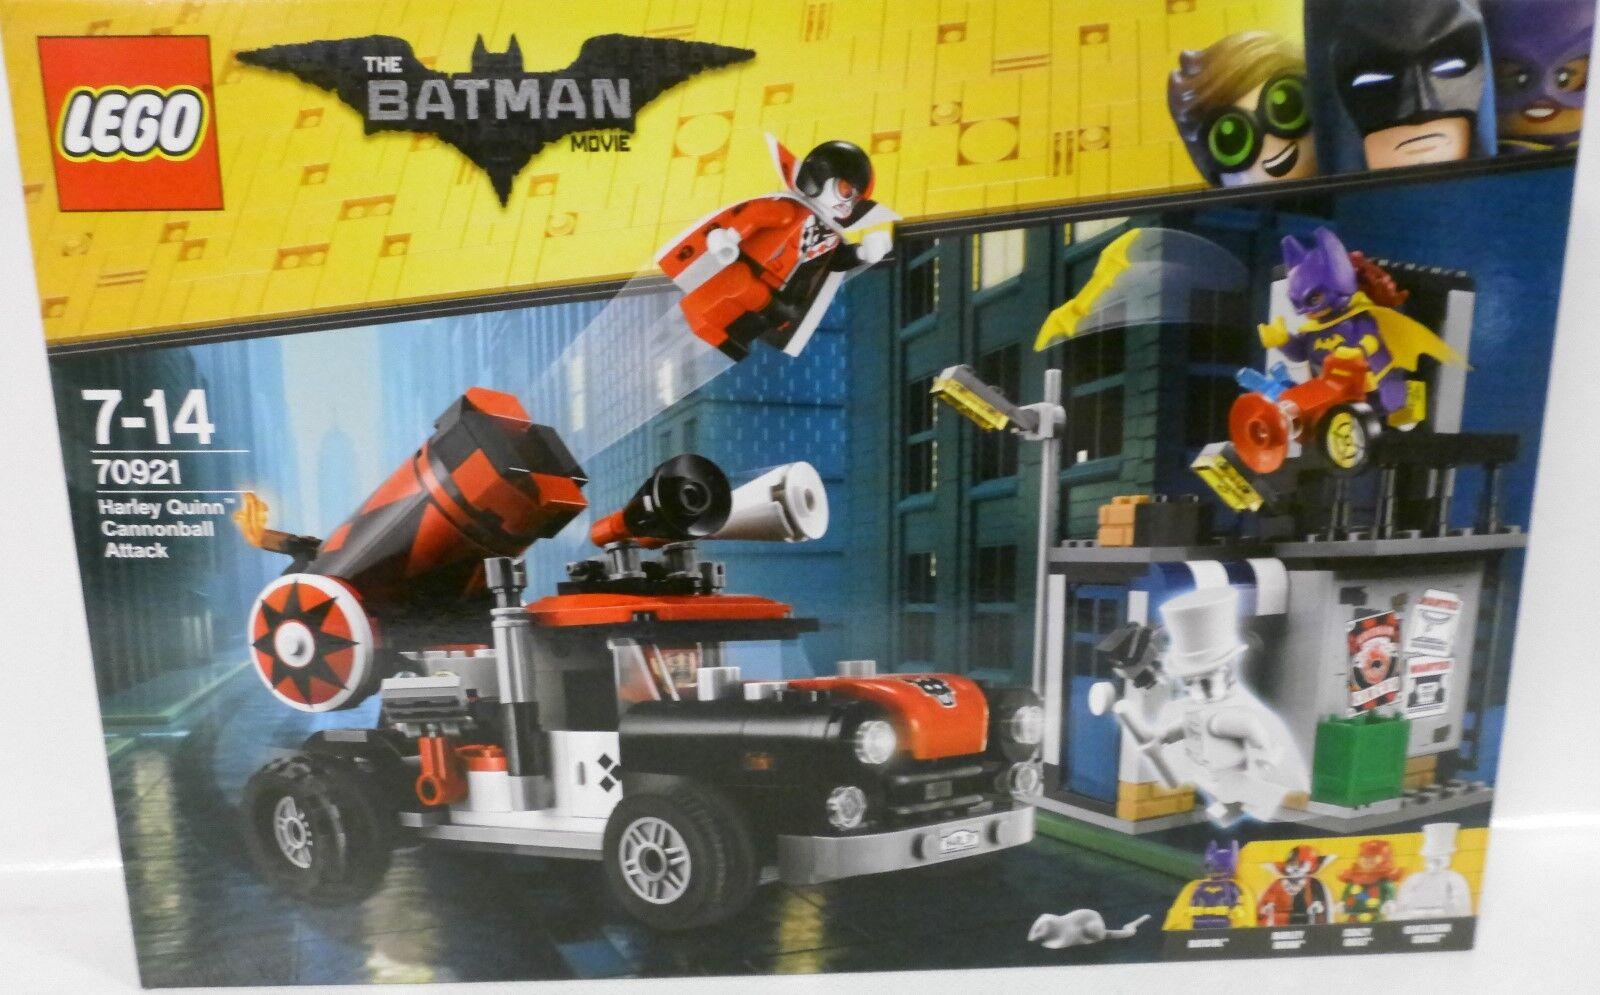 NEUF  LEGO ® 70921 THE BAThomme MOVIE  Harley Quinn boulet de canon ATTAQUE  Neuf dans sa boîte   en stock